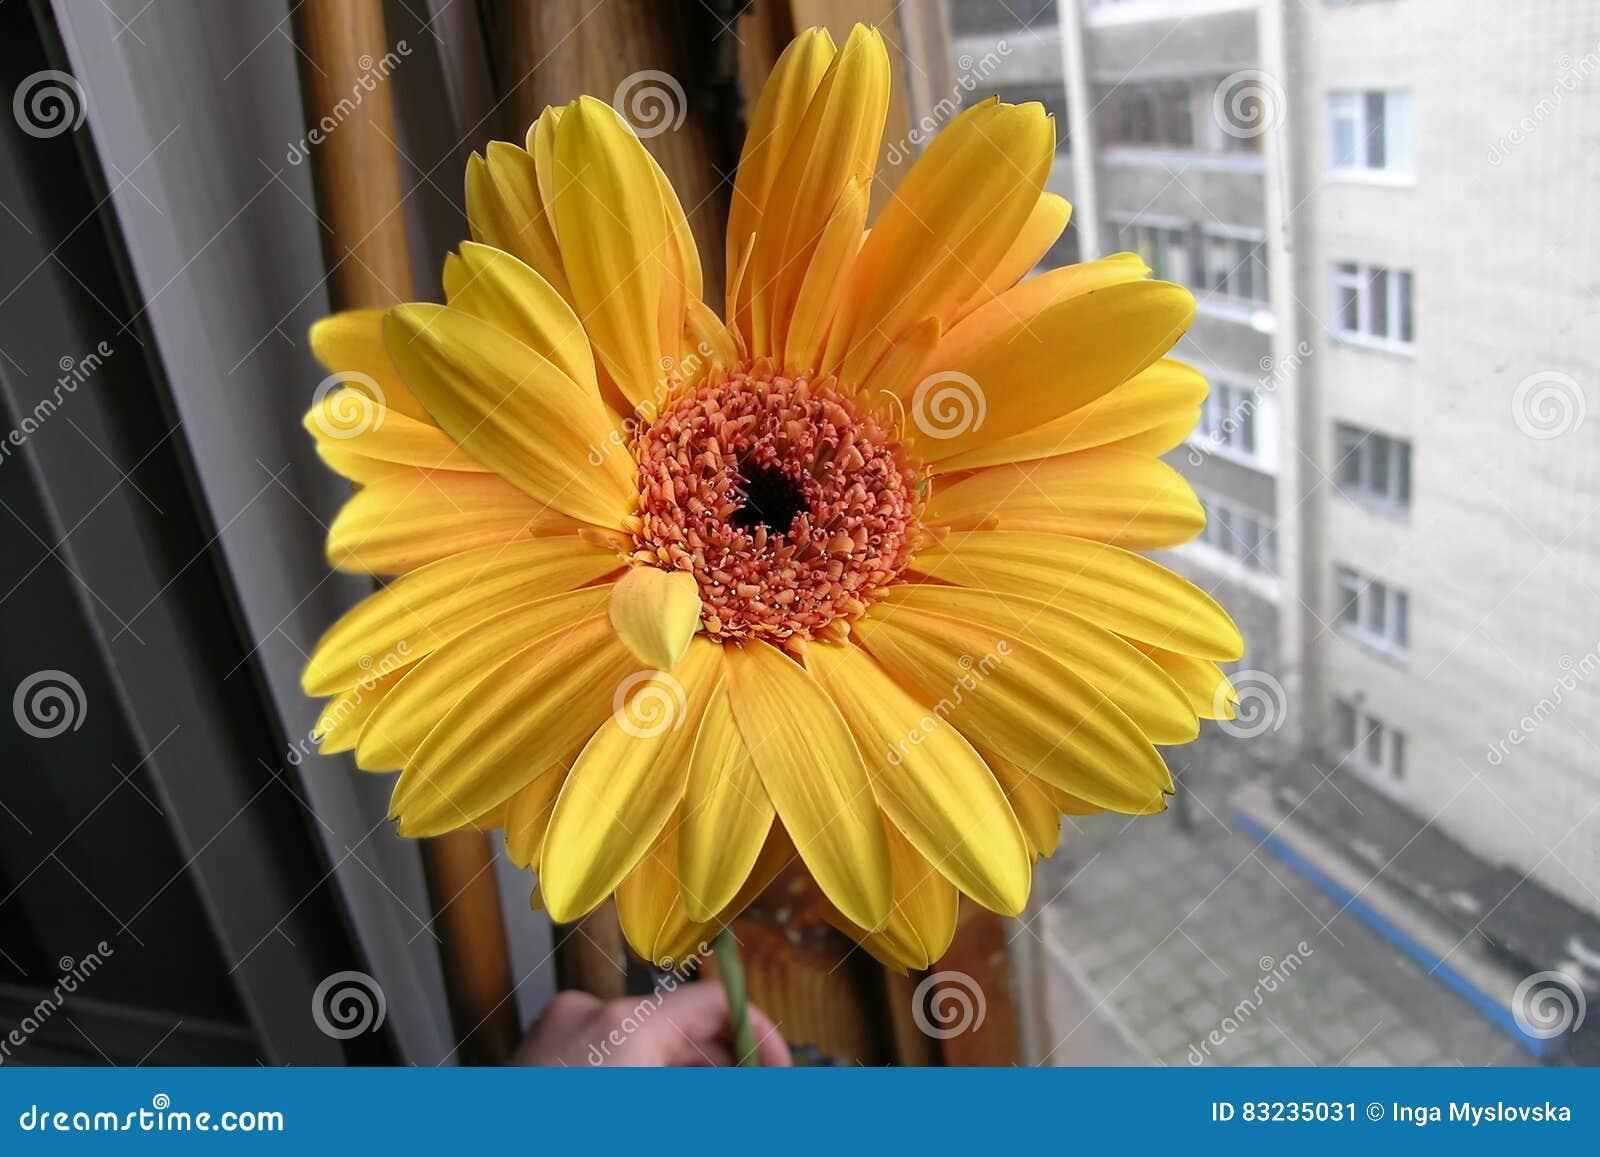 Gelb-orangeer Gerbera am Fenster